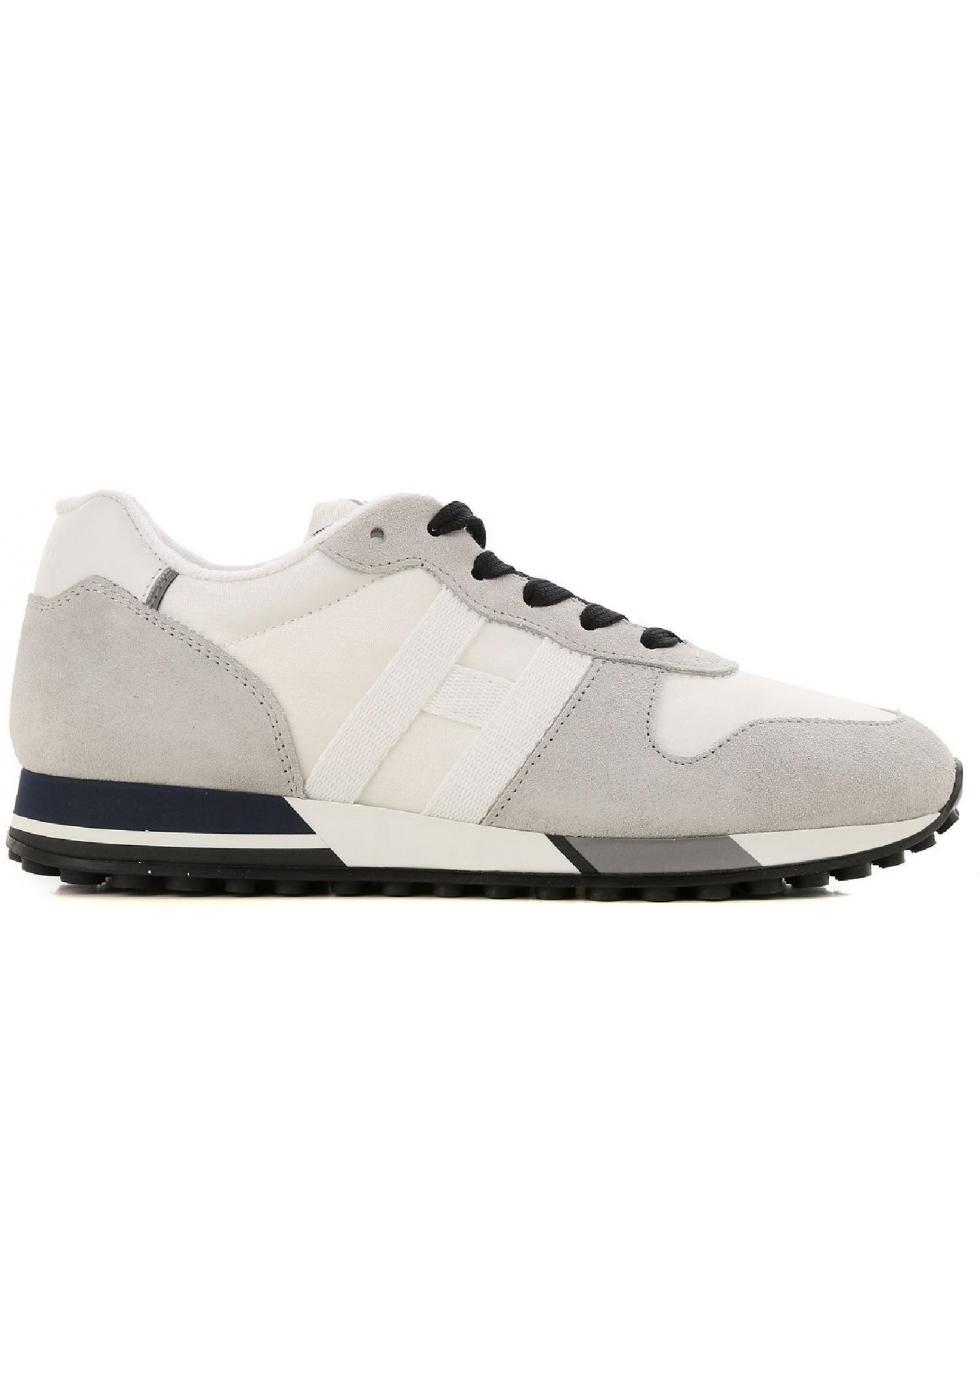 vente chaude en ligne 0eb0d 353d3 Hogan H383 RUNNING Baskets homme en daim gris et tissu blanc ...